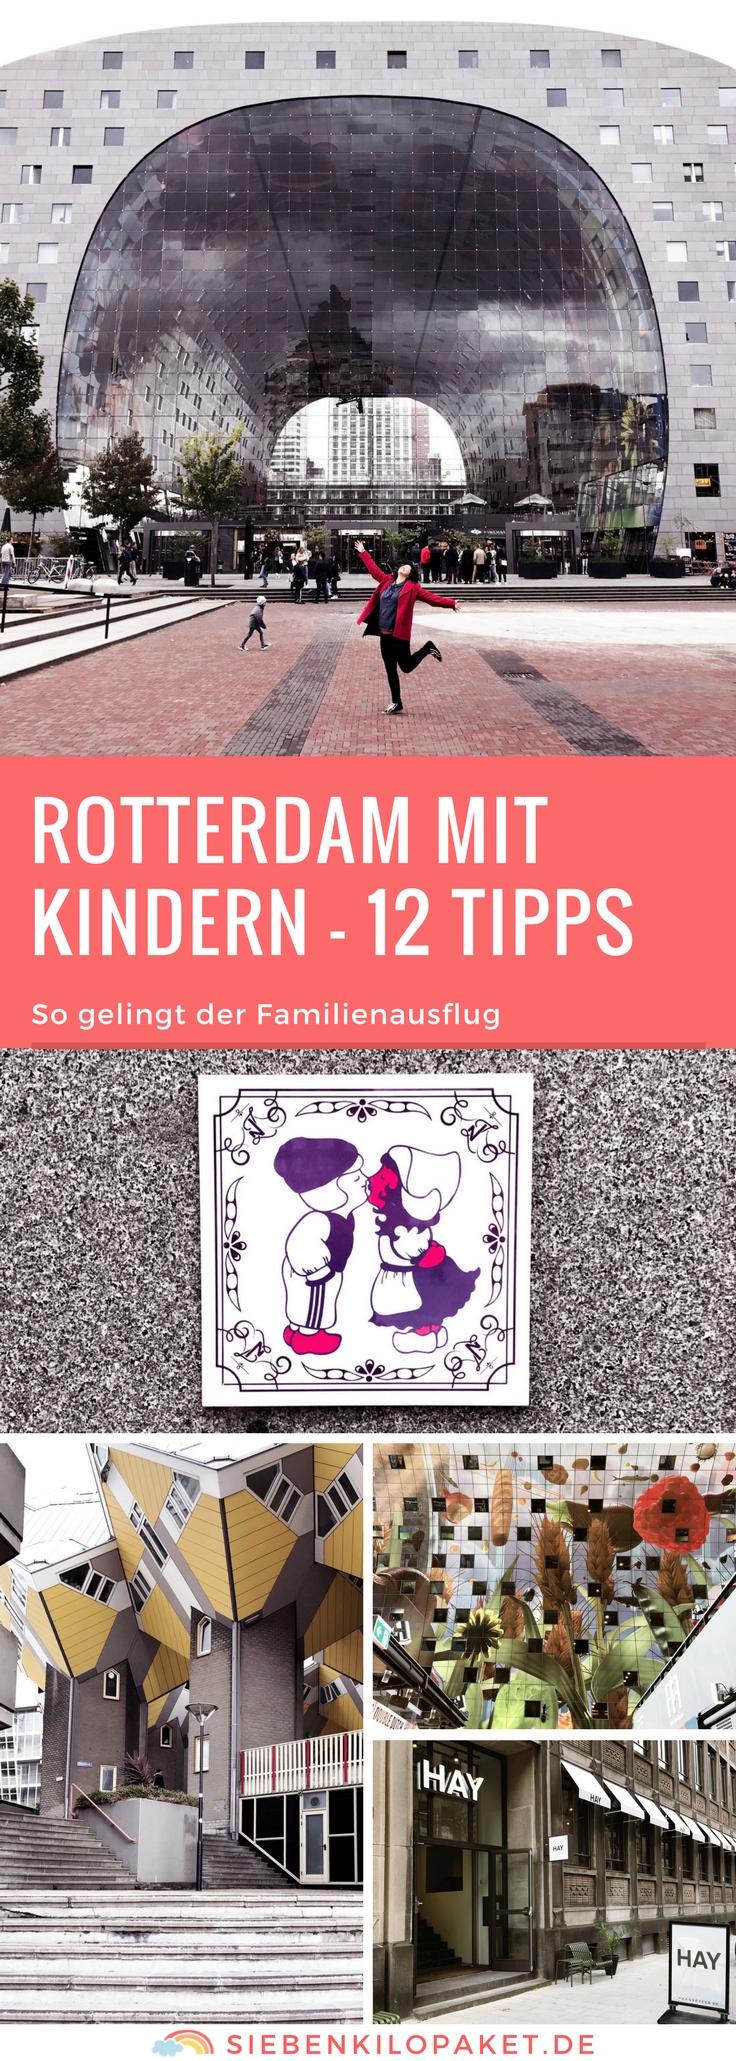 Rotterdam mit Kindern - 12 Tipps für den Familienausflug: Erleben, Essen und Shoppen in Rotterdam mit Kind